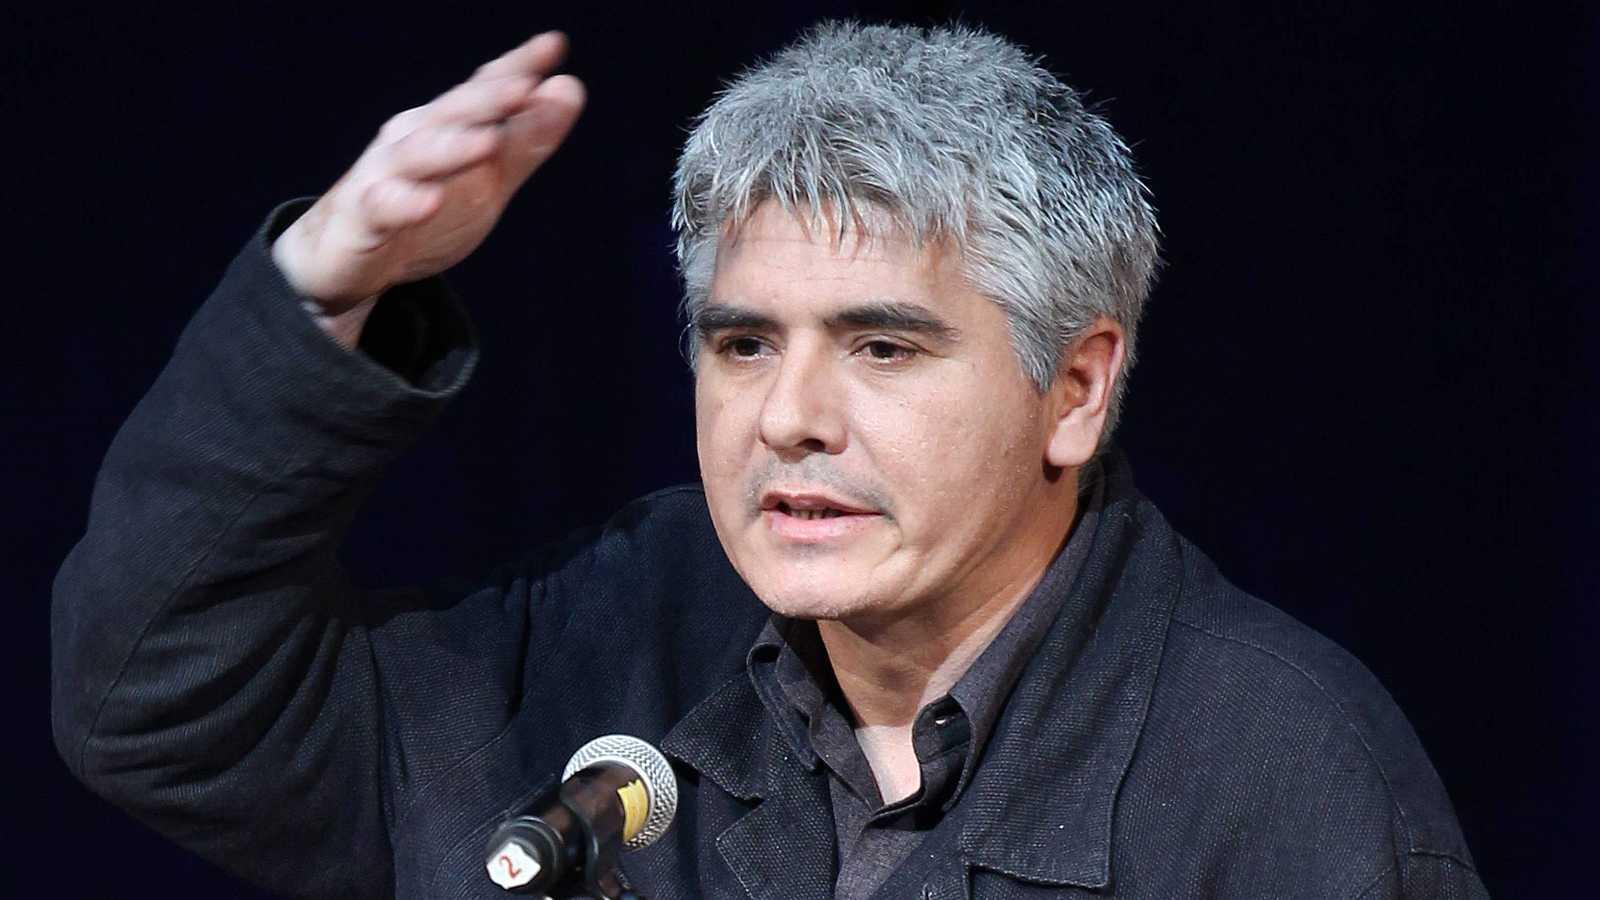 14 horas - Juan Bonilla ha sido galardonado con el Premio Nacional de Narrativa 2020 - Escuchar ahora